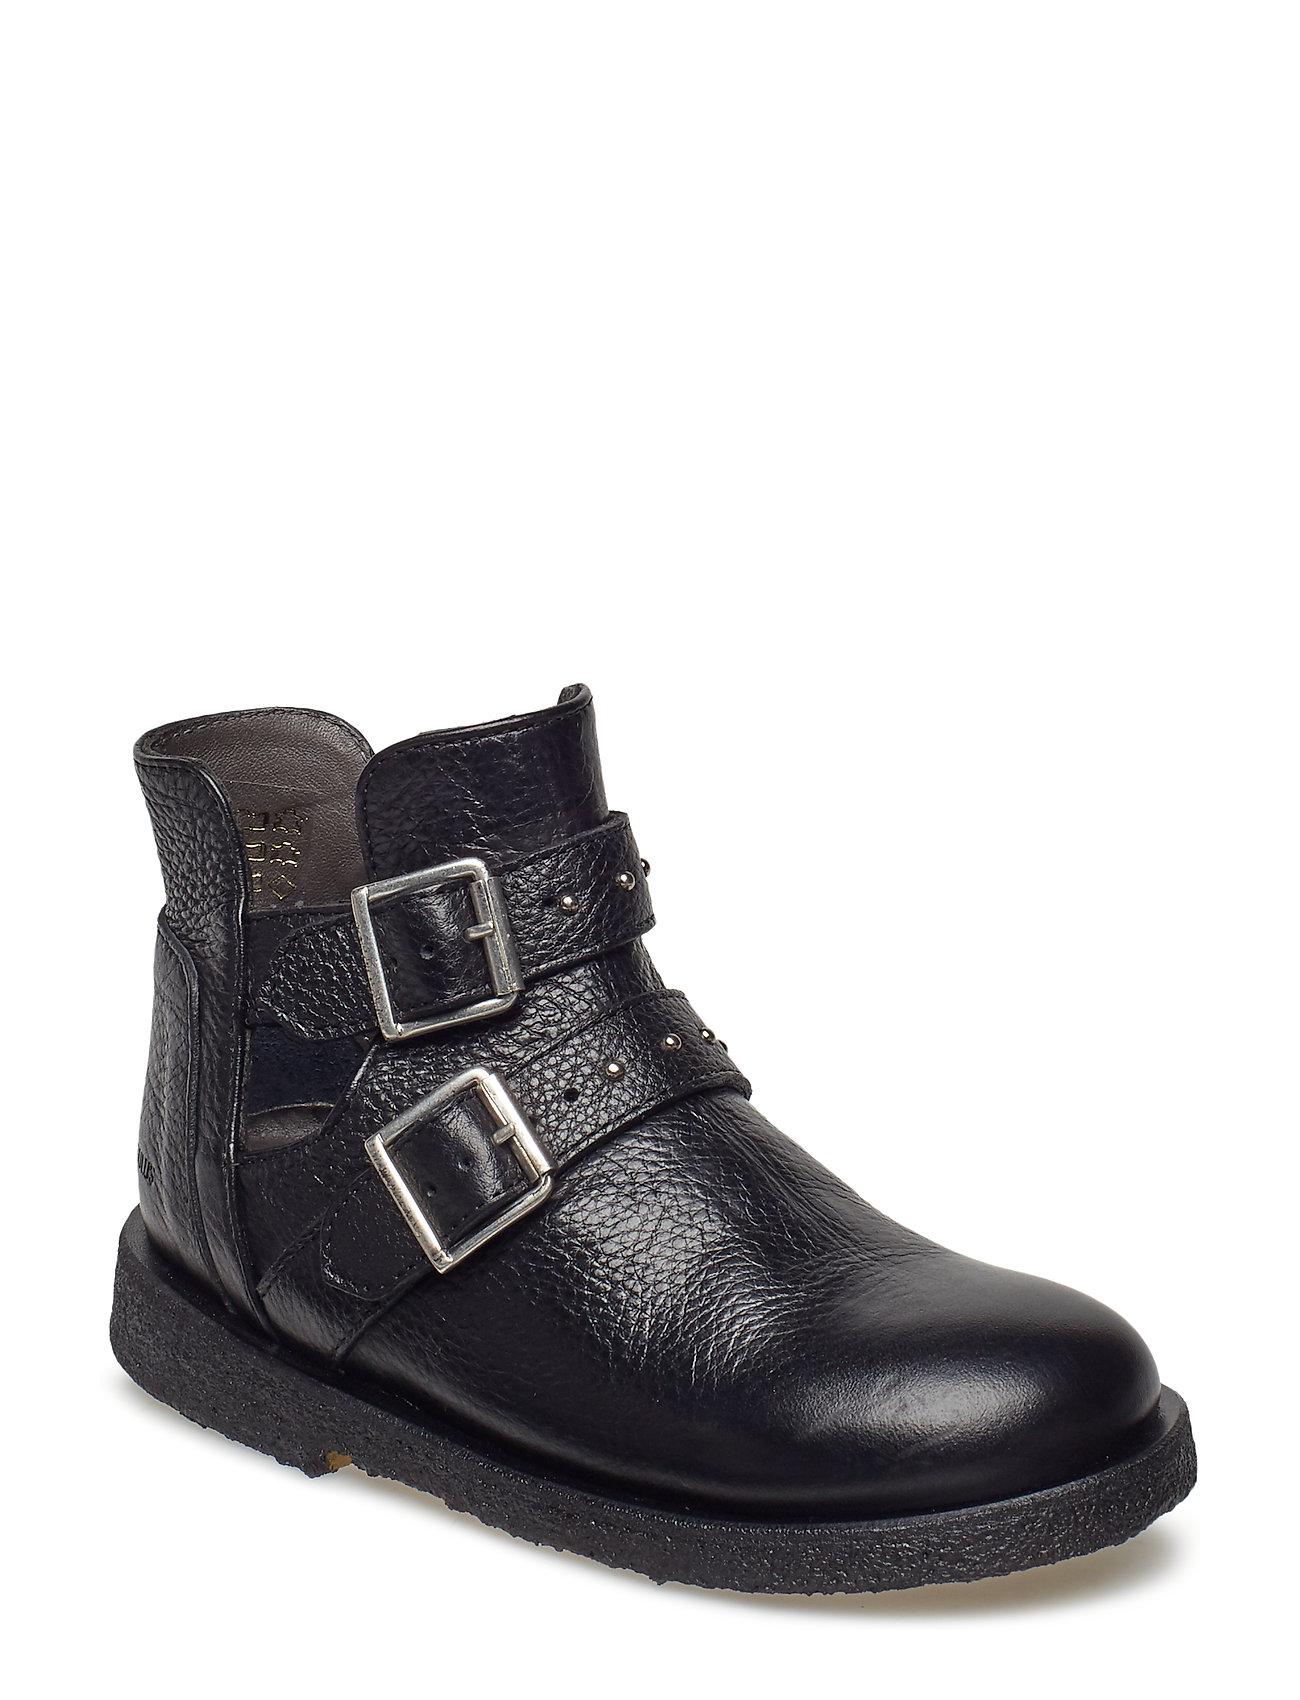 ANGULUS Boots - flat - zipper - 1933 BLACK